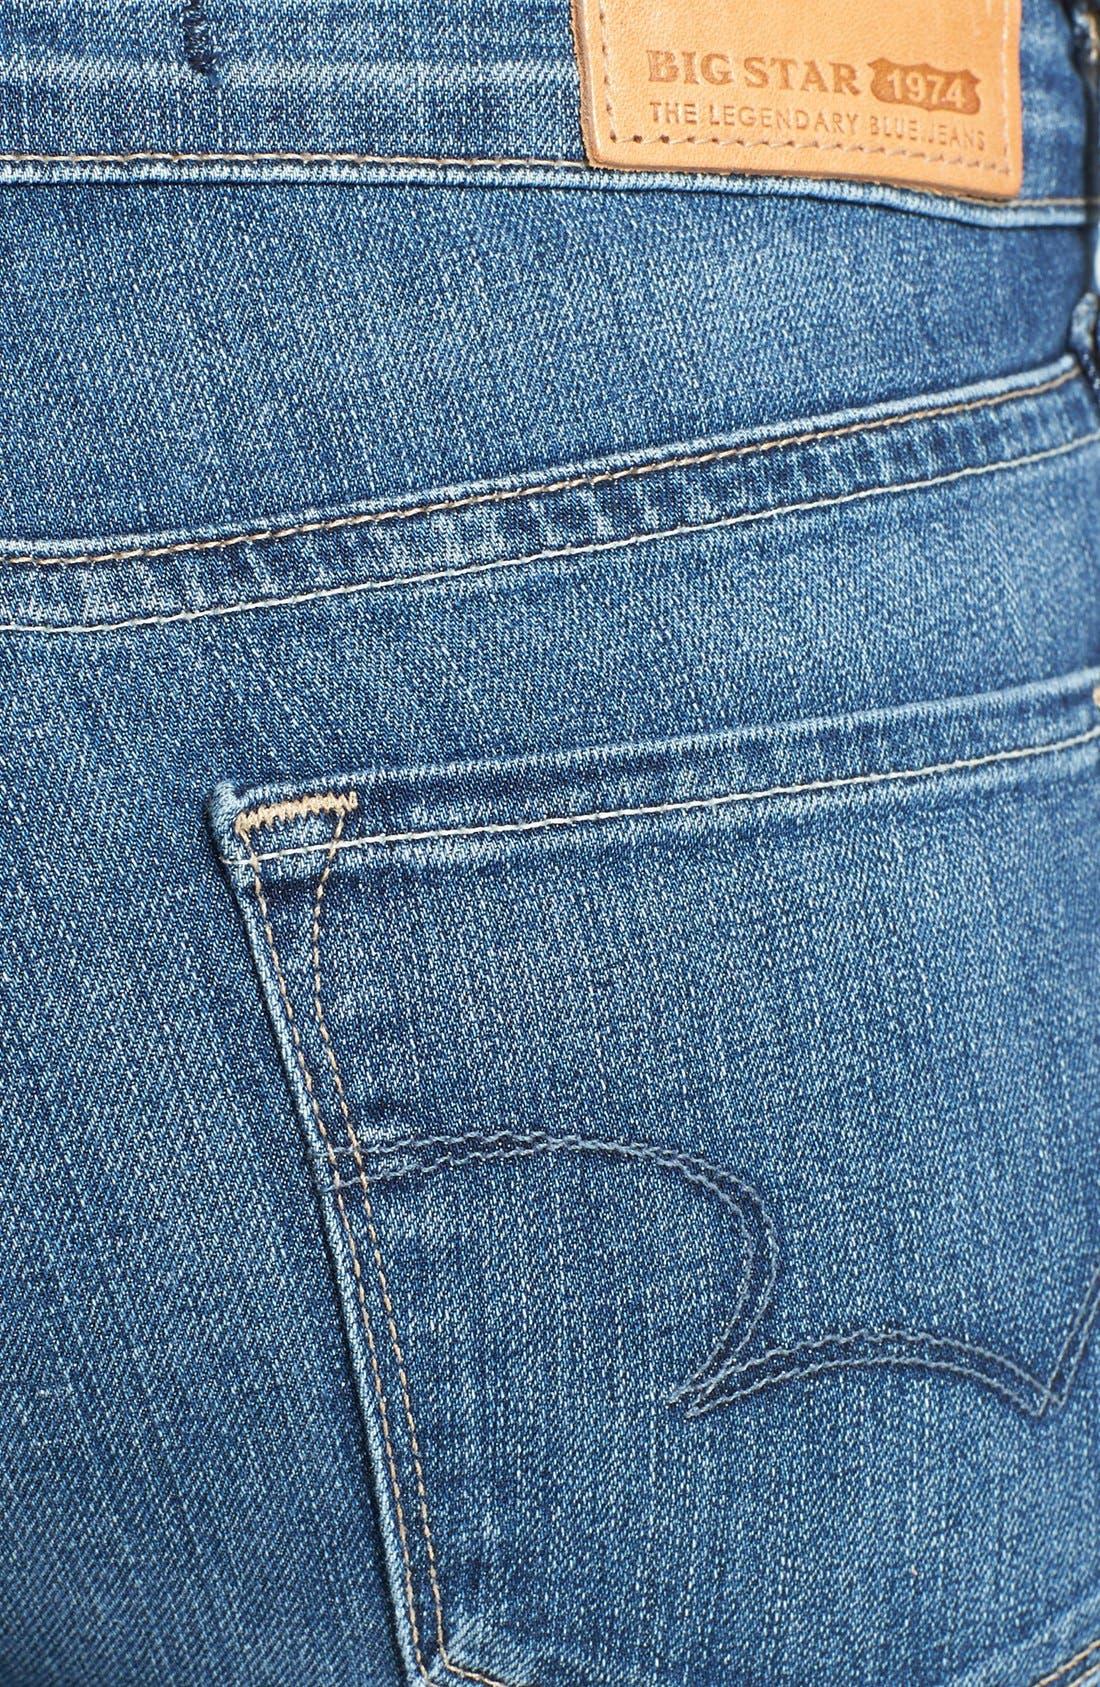 Alternate Image 3  - Big Star 'Alex' Stretch Skinny Jeans (Holly Medium)